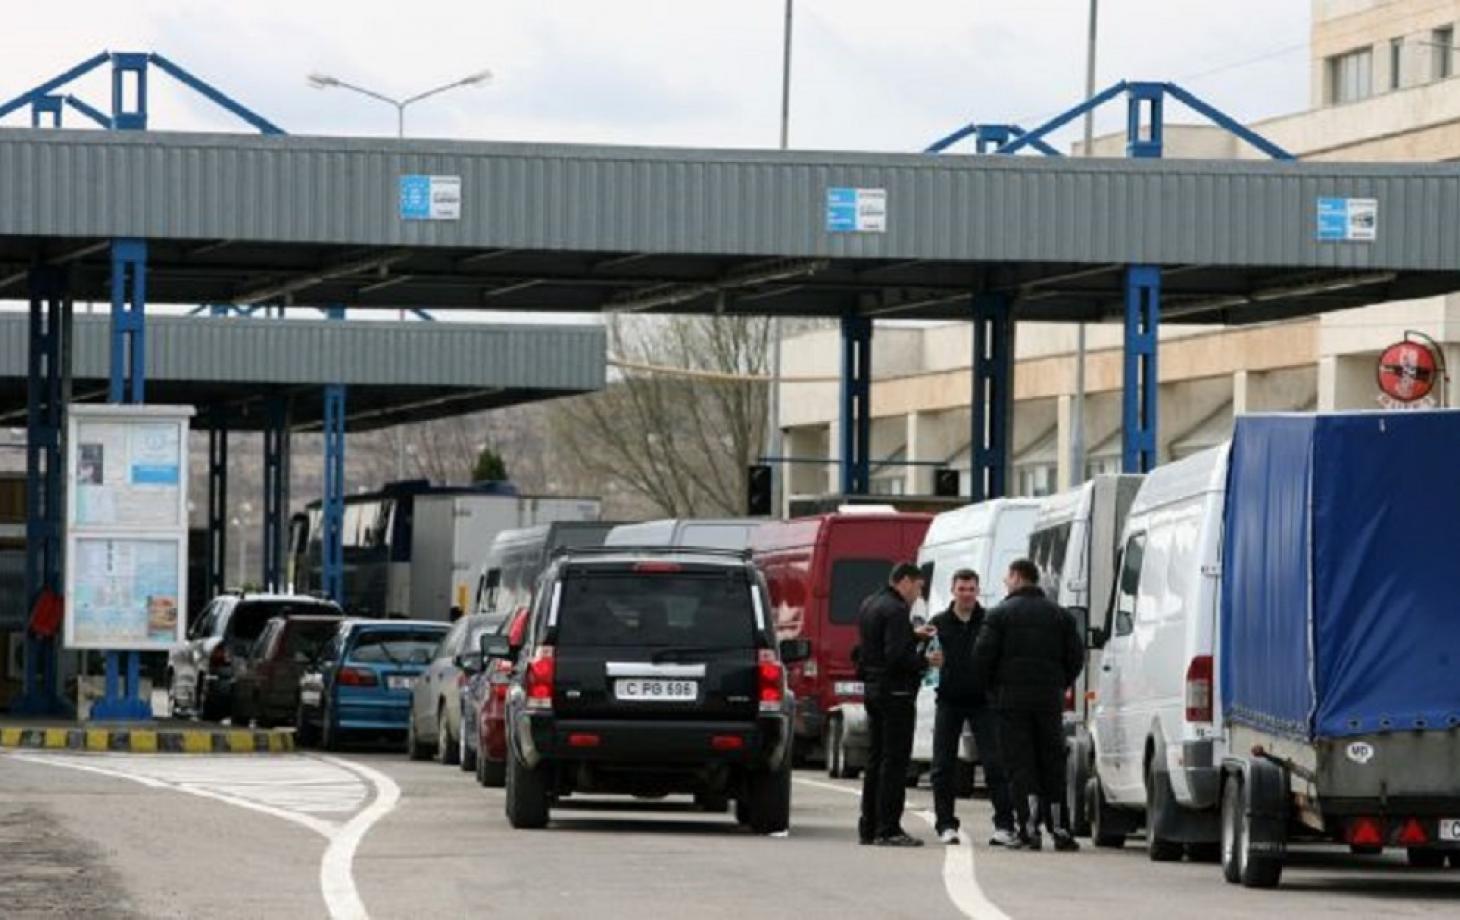 Обстановка на таможнях Молдовы: время ожидания — до 8 часов